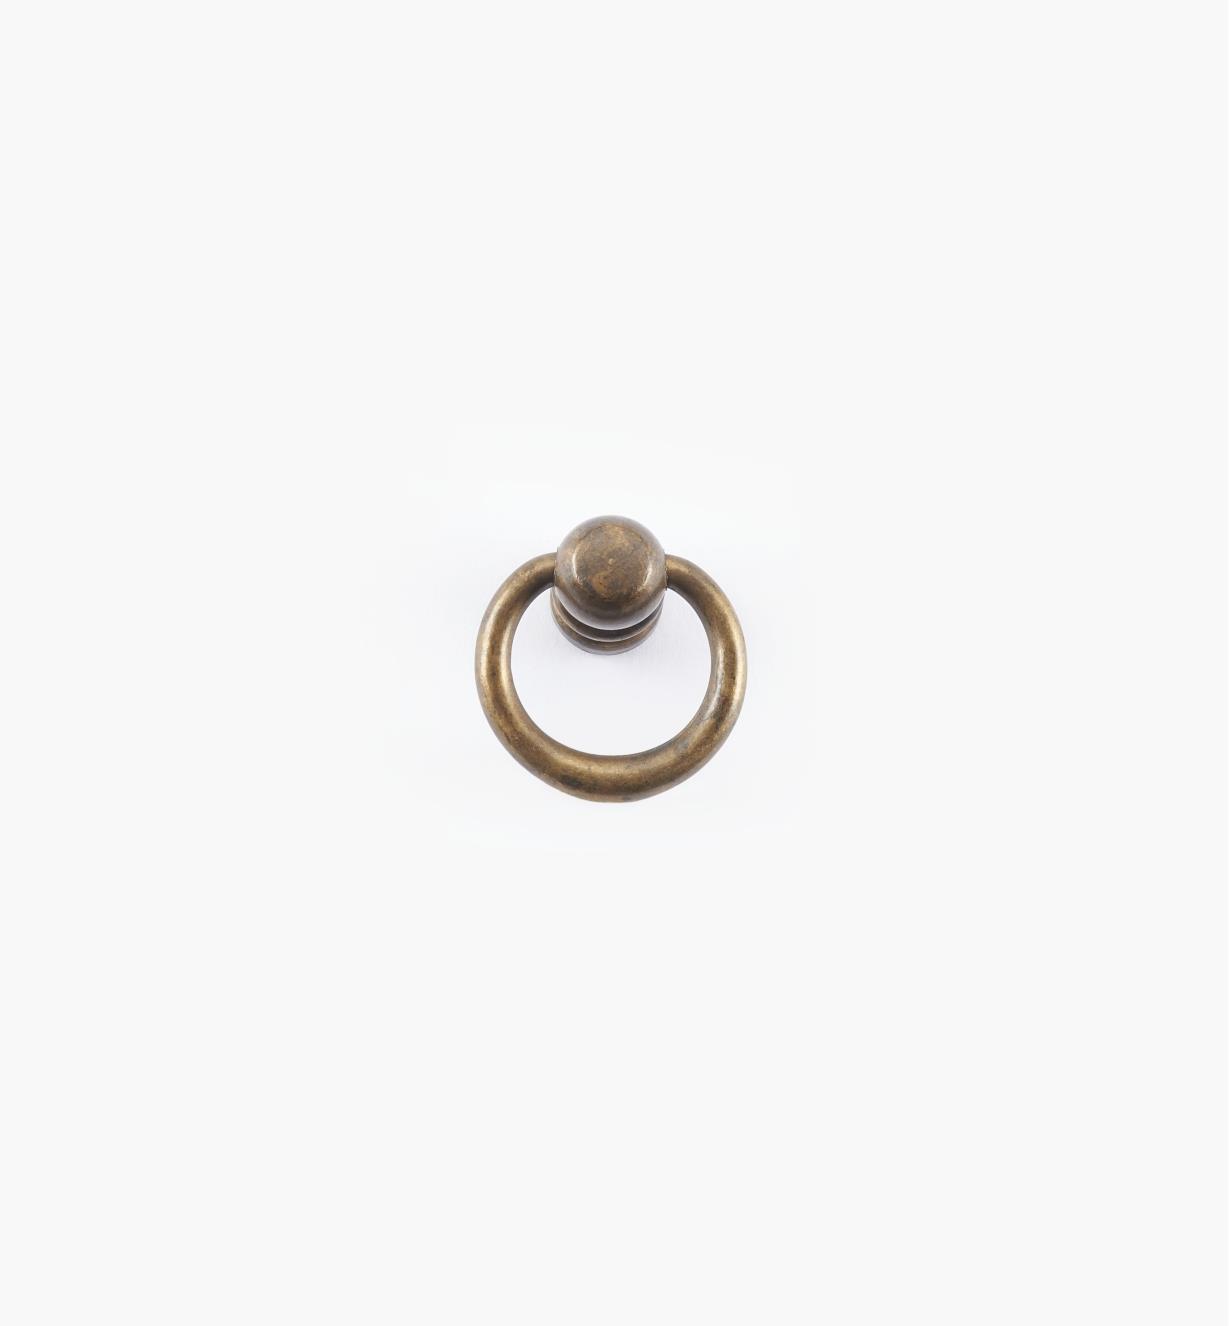 01A2321 - Poignée à anneau fuselé simple, 23 mm x 25 mm